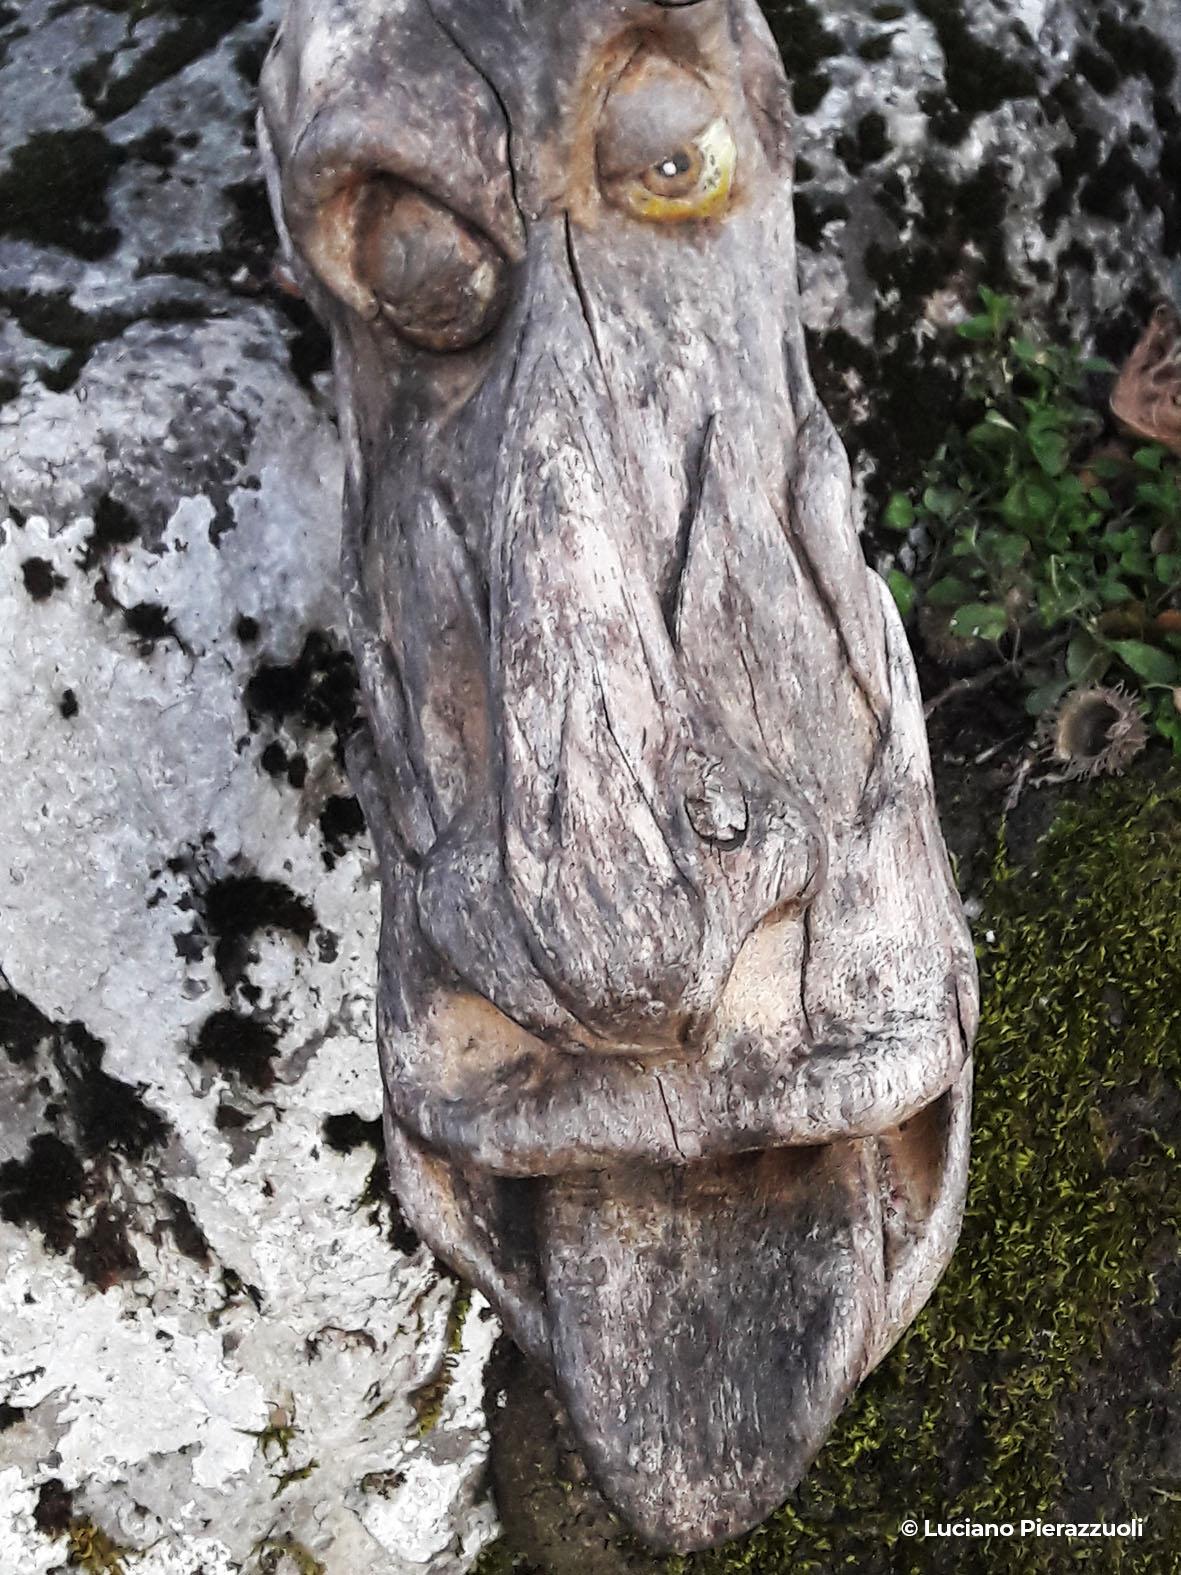 Sentieri naturalistici - Progettoidea chiusi della verna (©luciano pierazzuoli)5